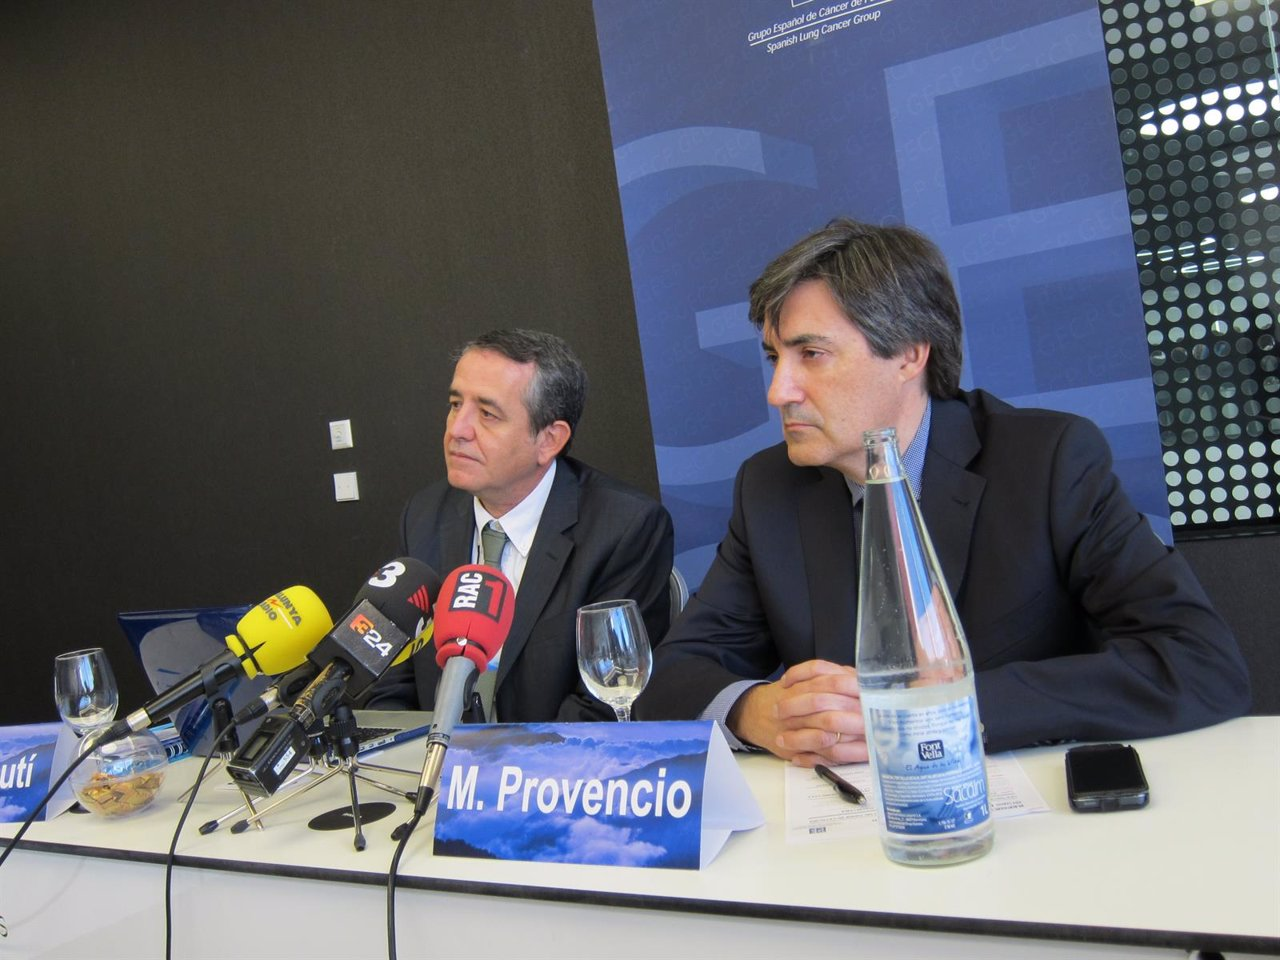 El presidente del GECP Mariano Provencio (der)con el secretario Bartomeu Massuti